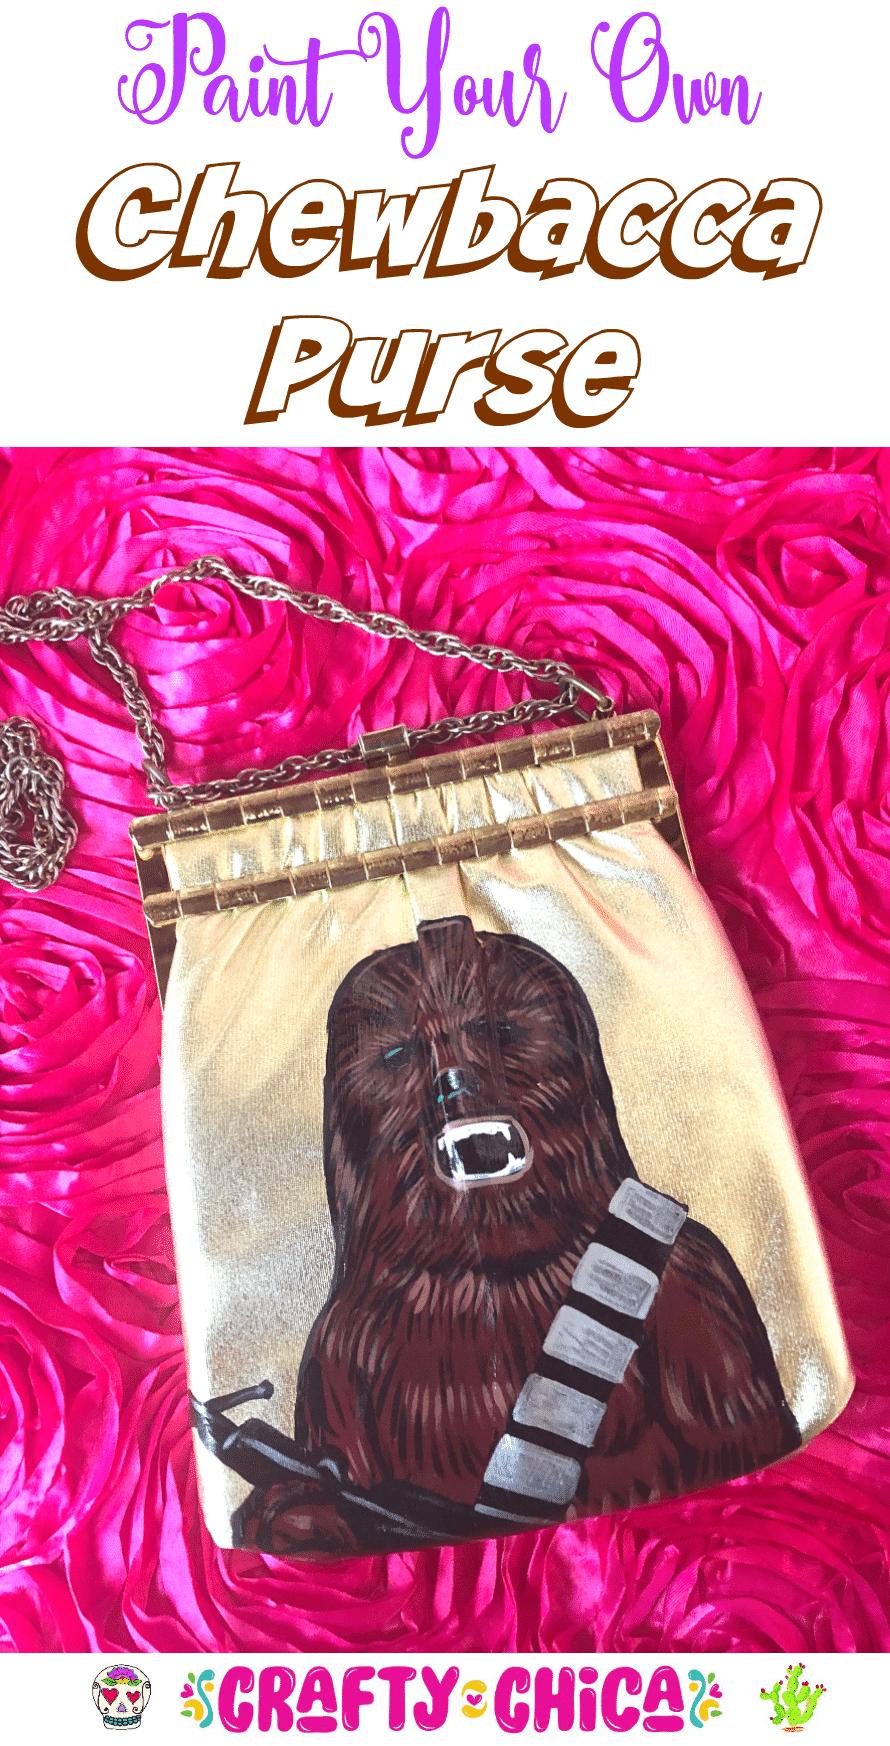 DIY Chewbacca Purse by Crafty Chica.